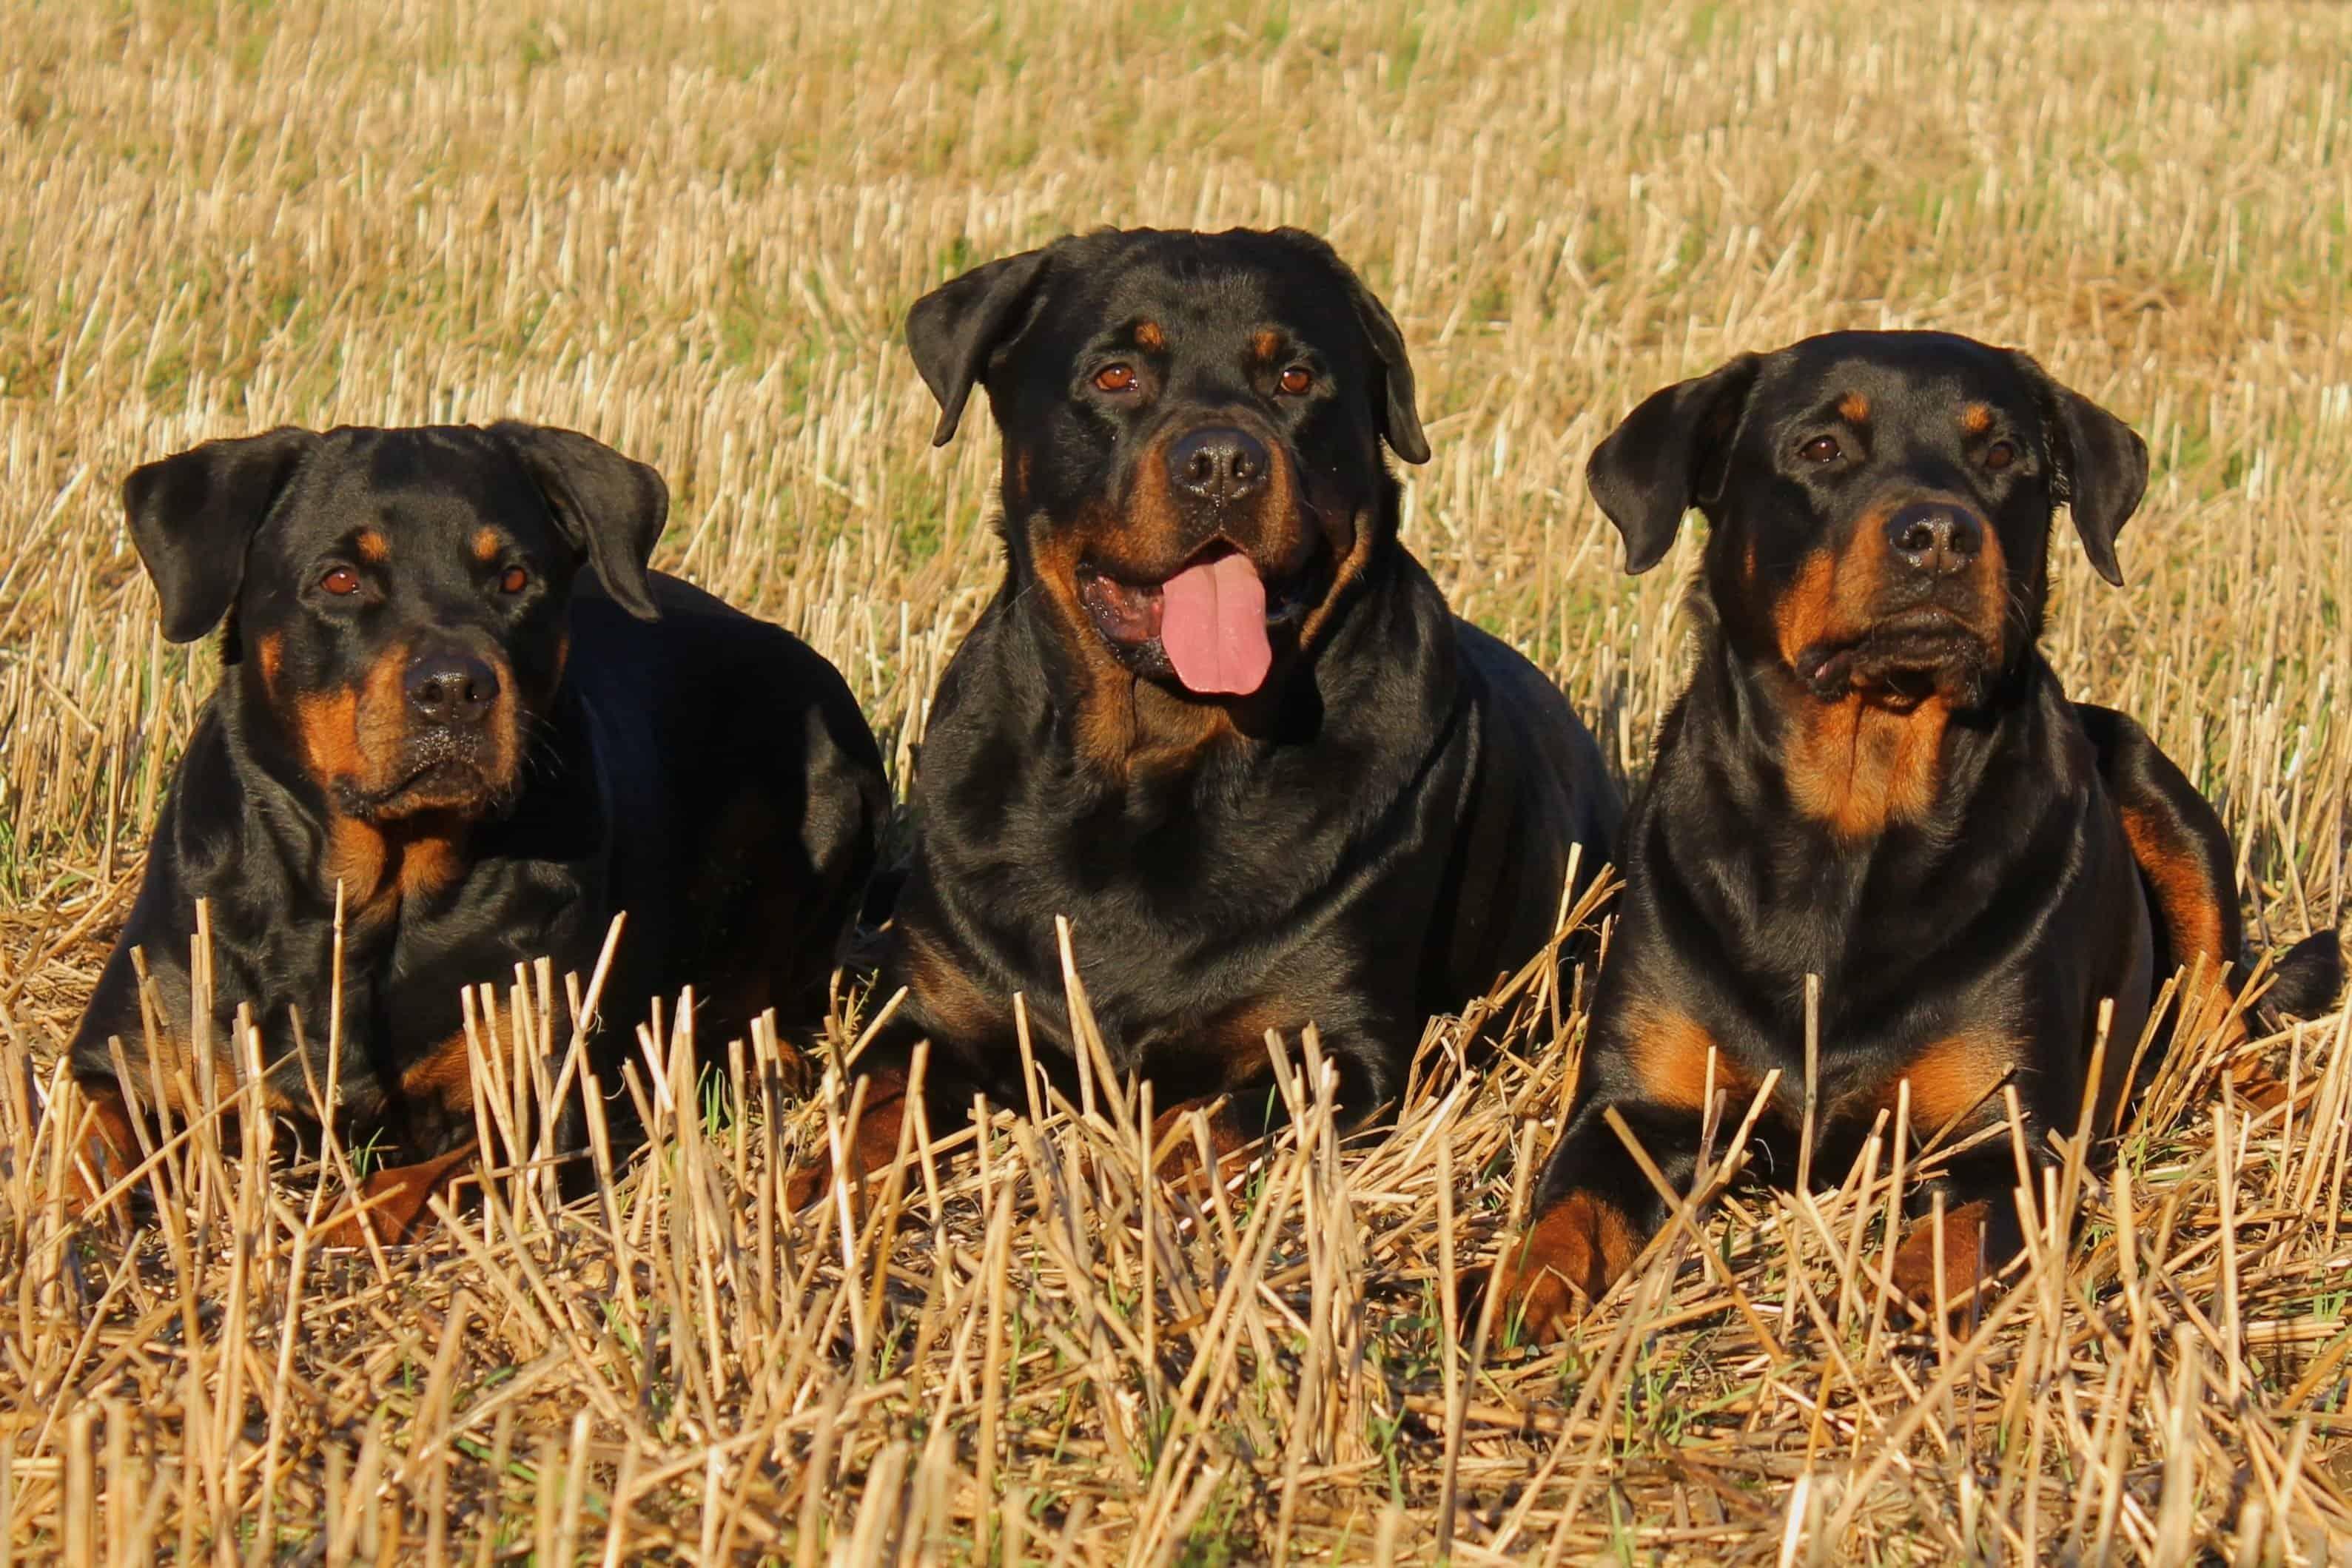 Rottweiler Guard Dogs